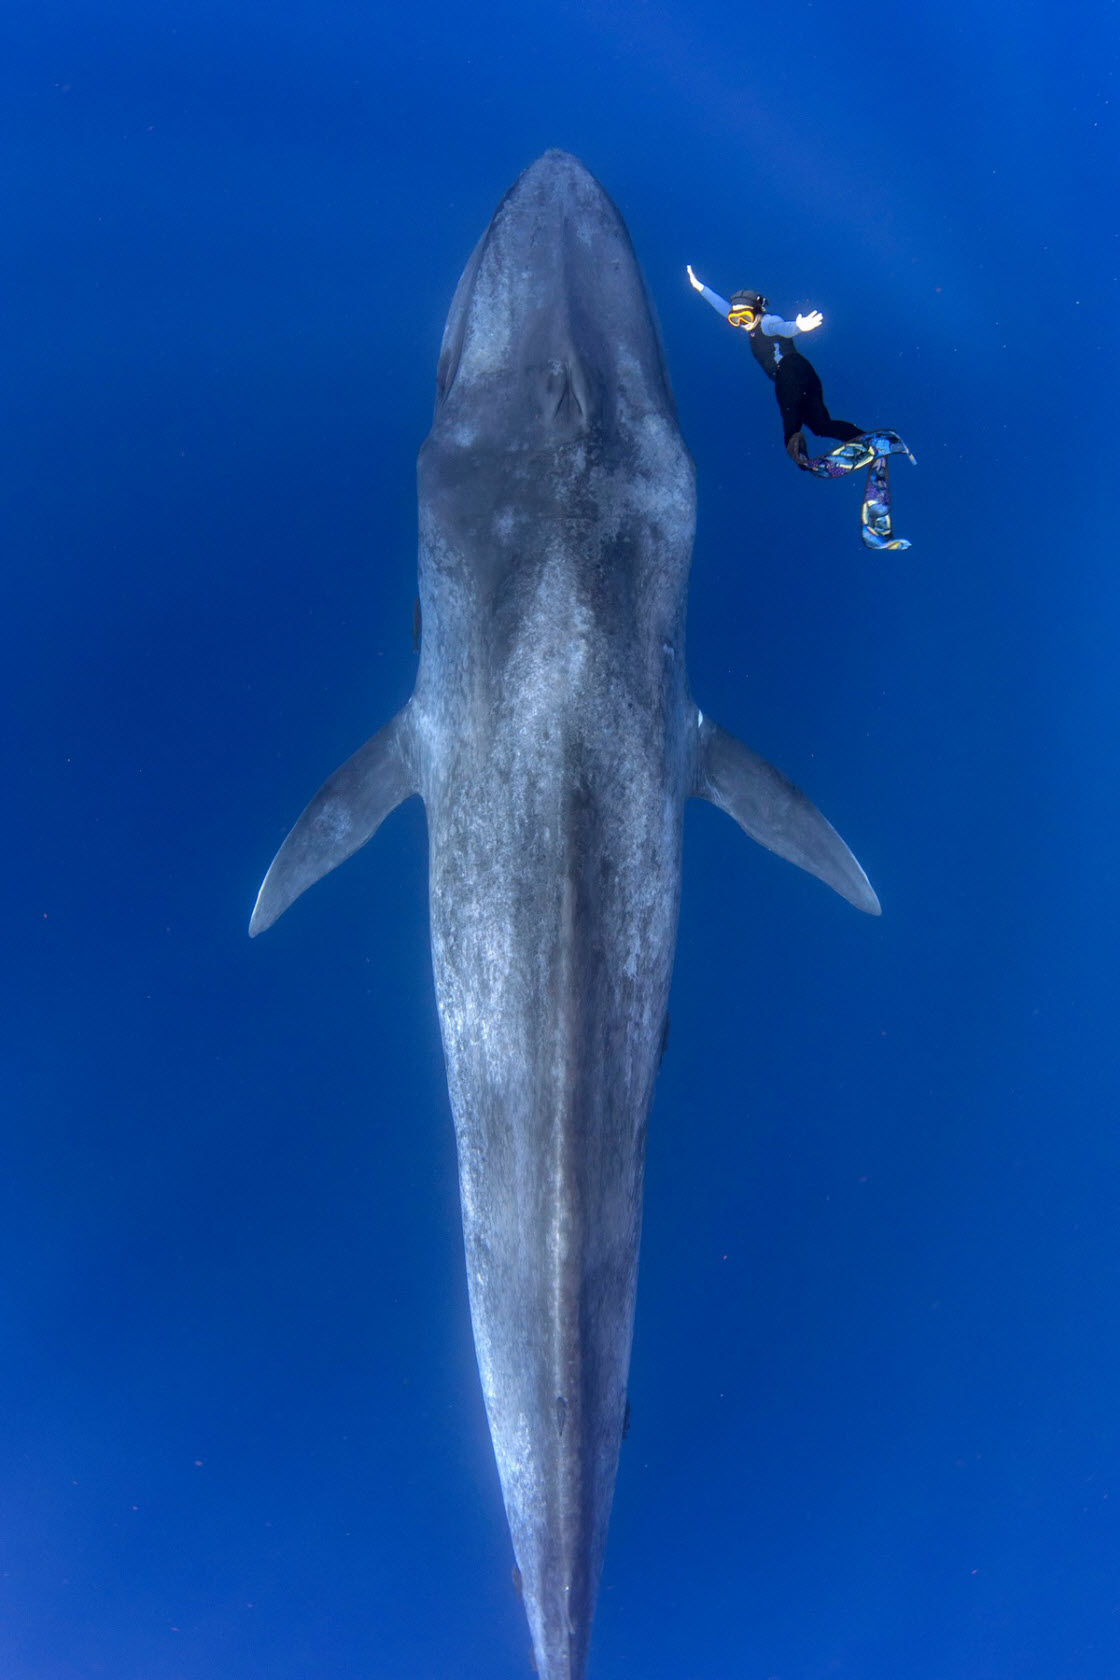 Удивительные кадры встречи дайвера с 30-метровым синим китом животный мир,природа,кит,момент,море